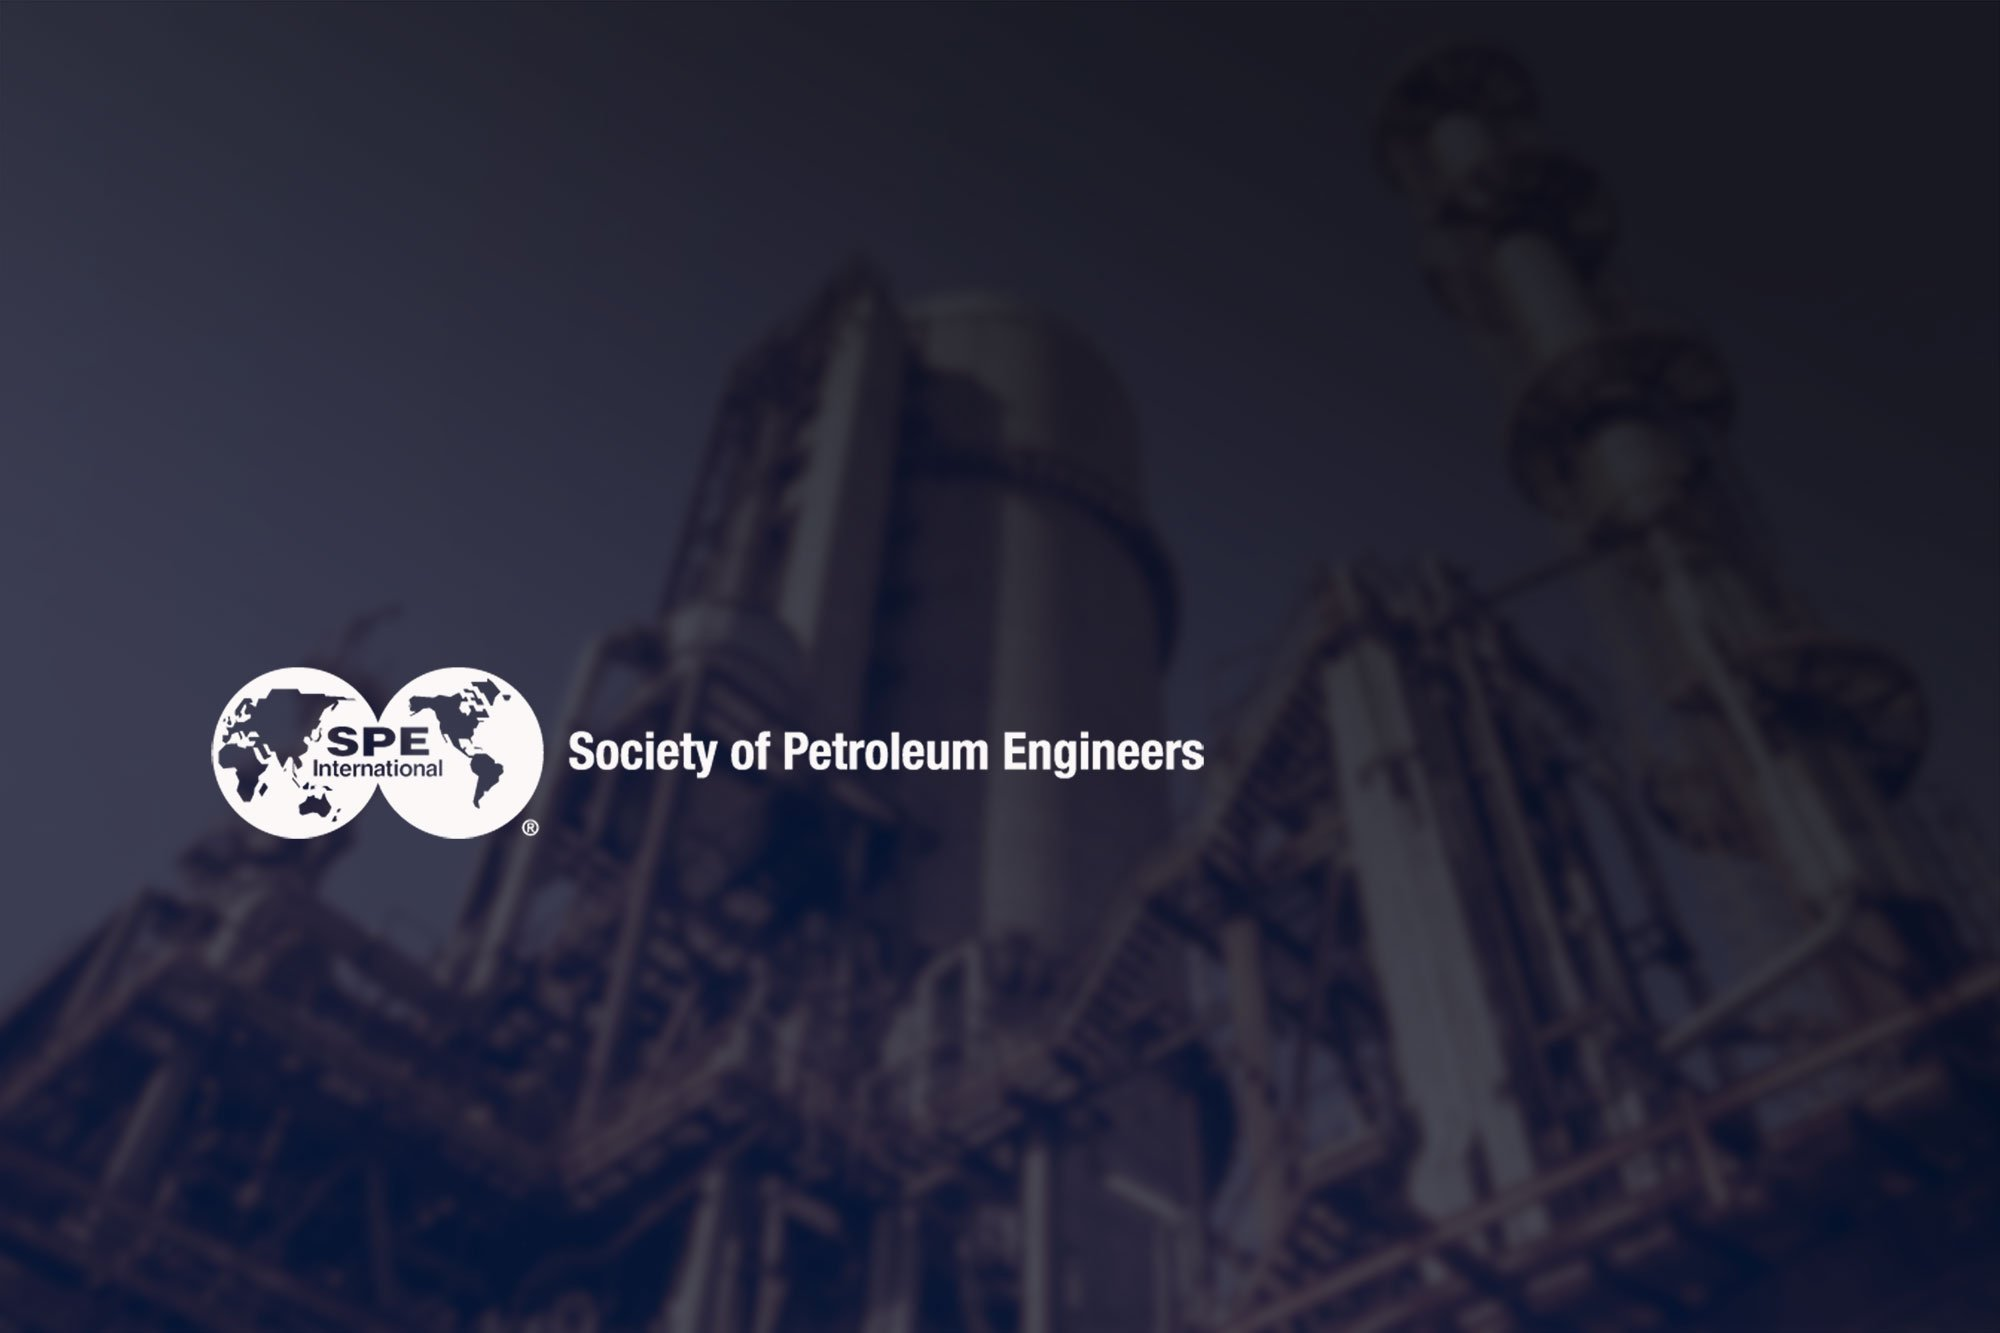 GEO PSI Featured In SPE Santa Maria 2019